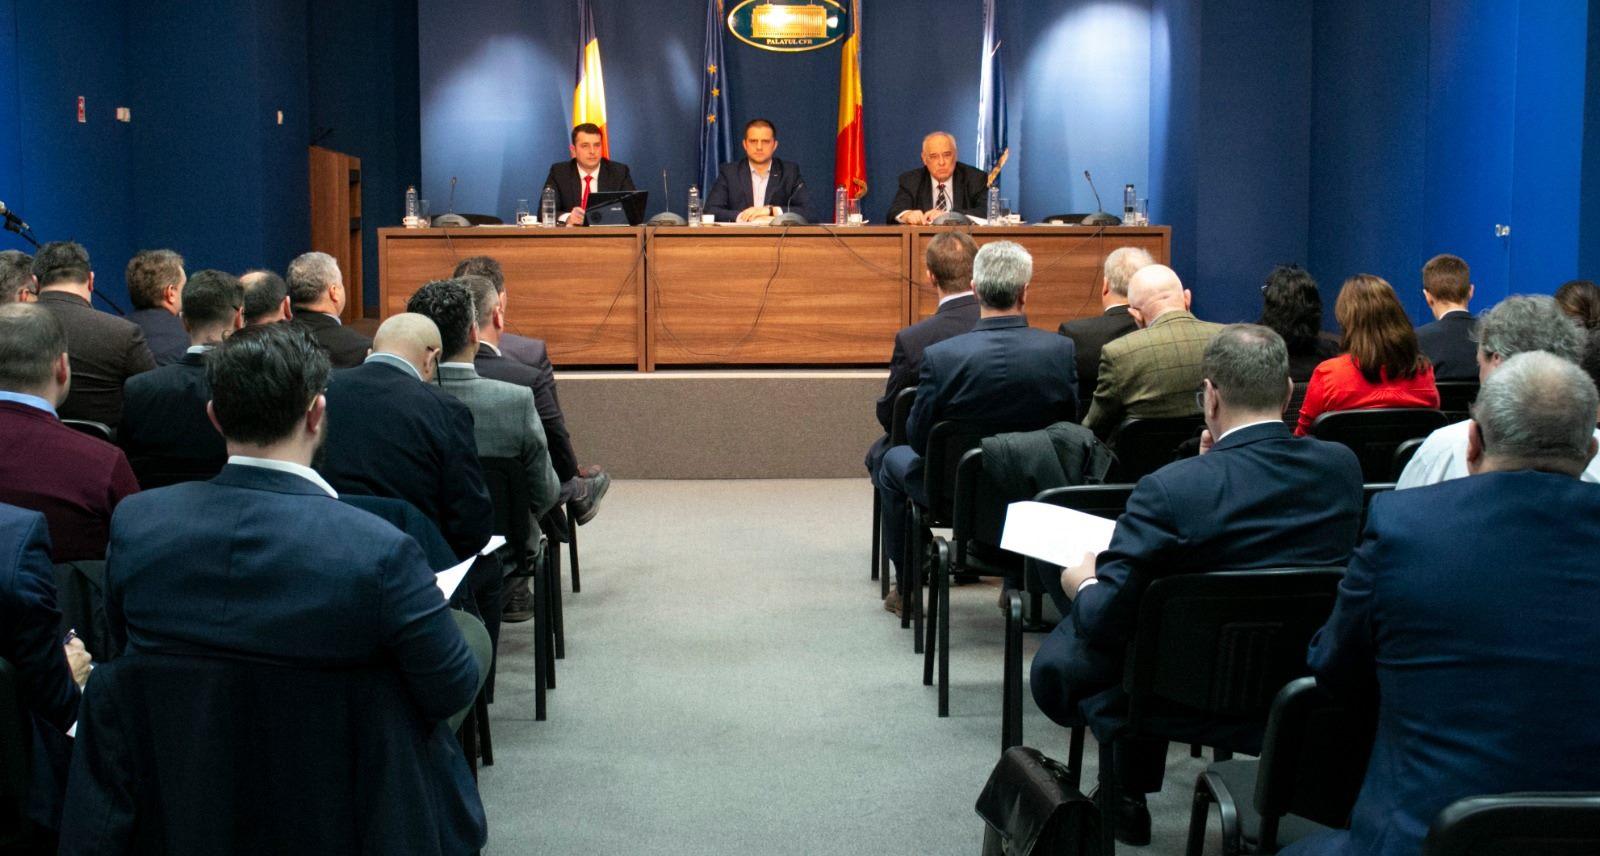 Întâlnire între ministrul Turismului și toți primarii stațiunilor balneoclimaterice din România